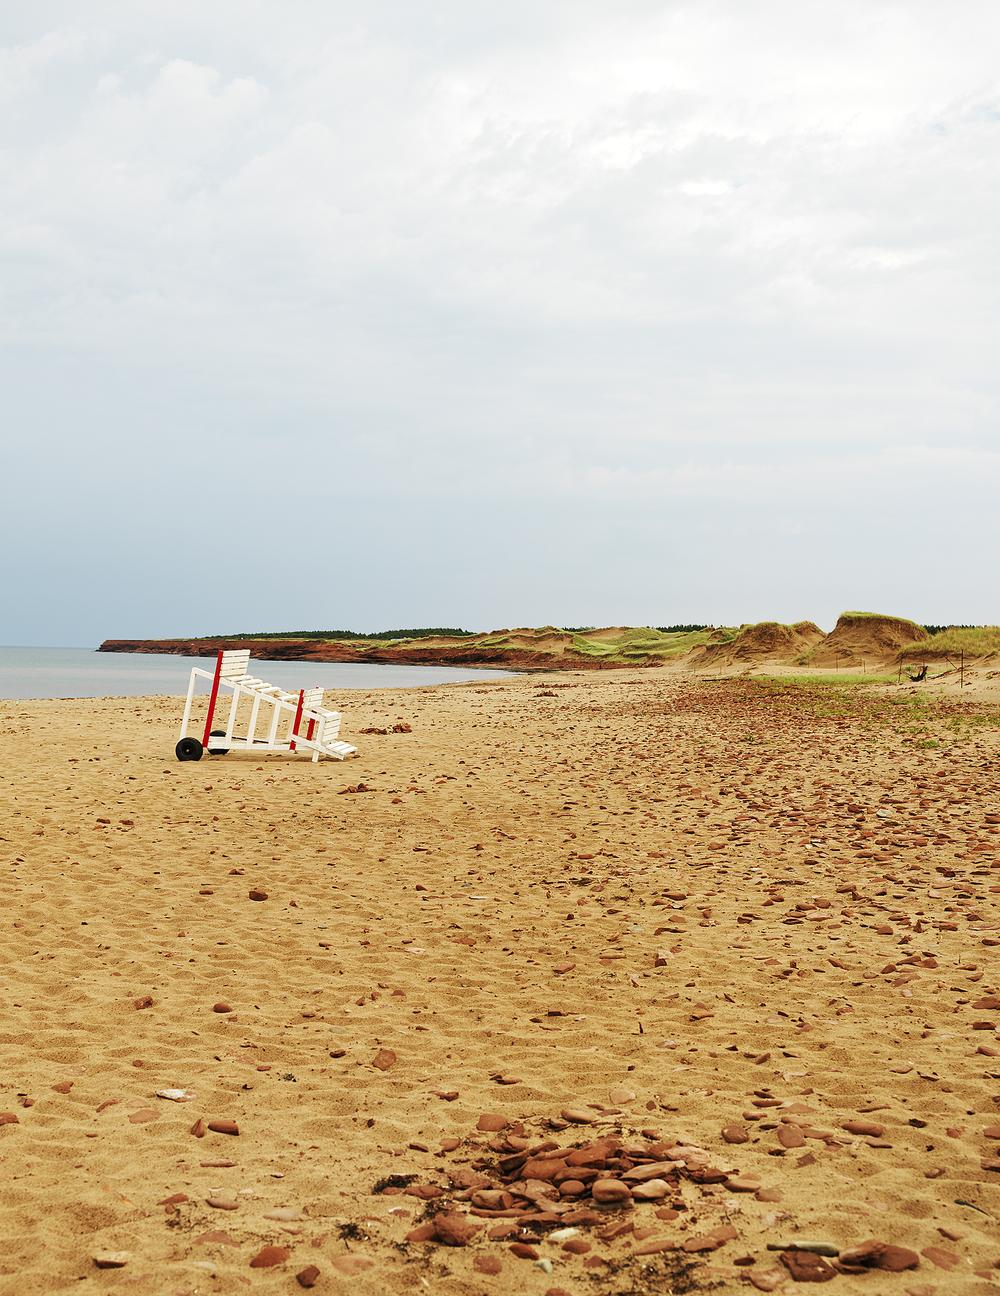 Price Edward Island beaches